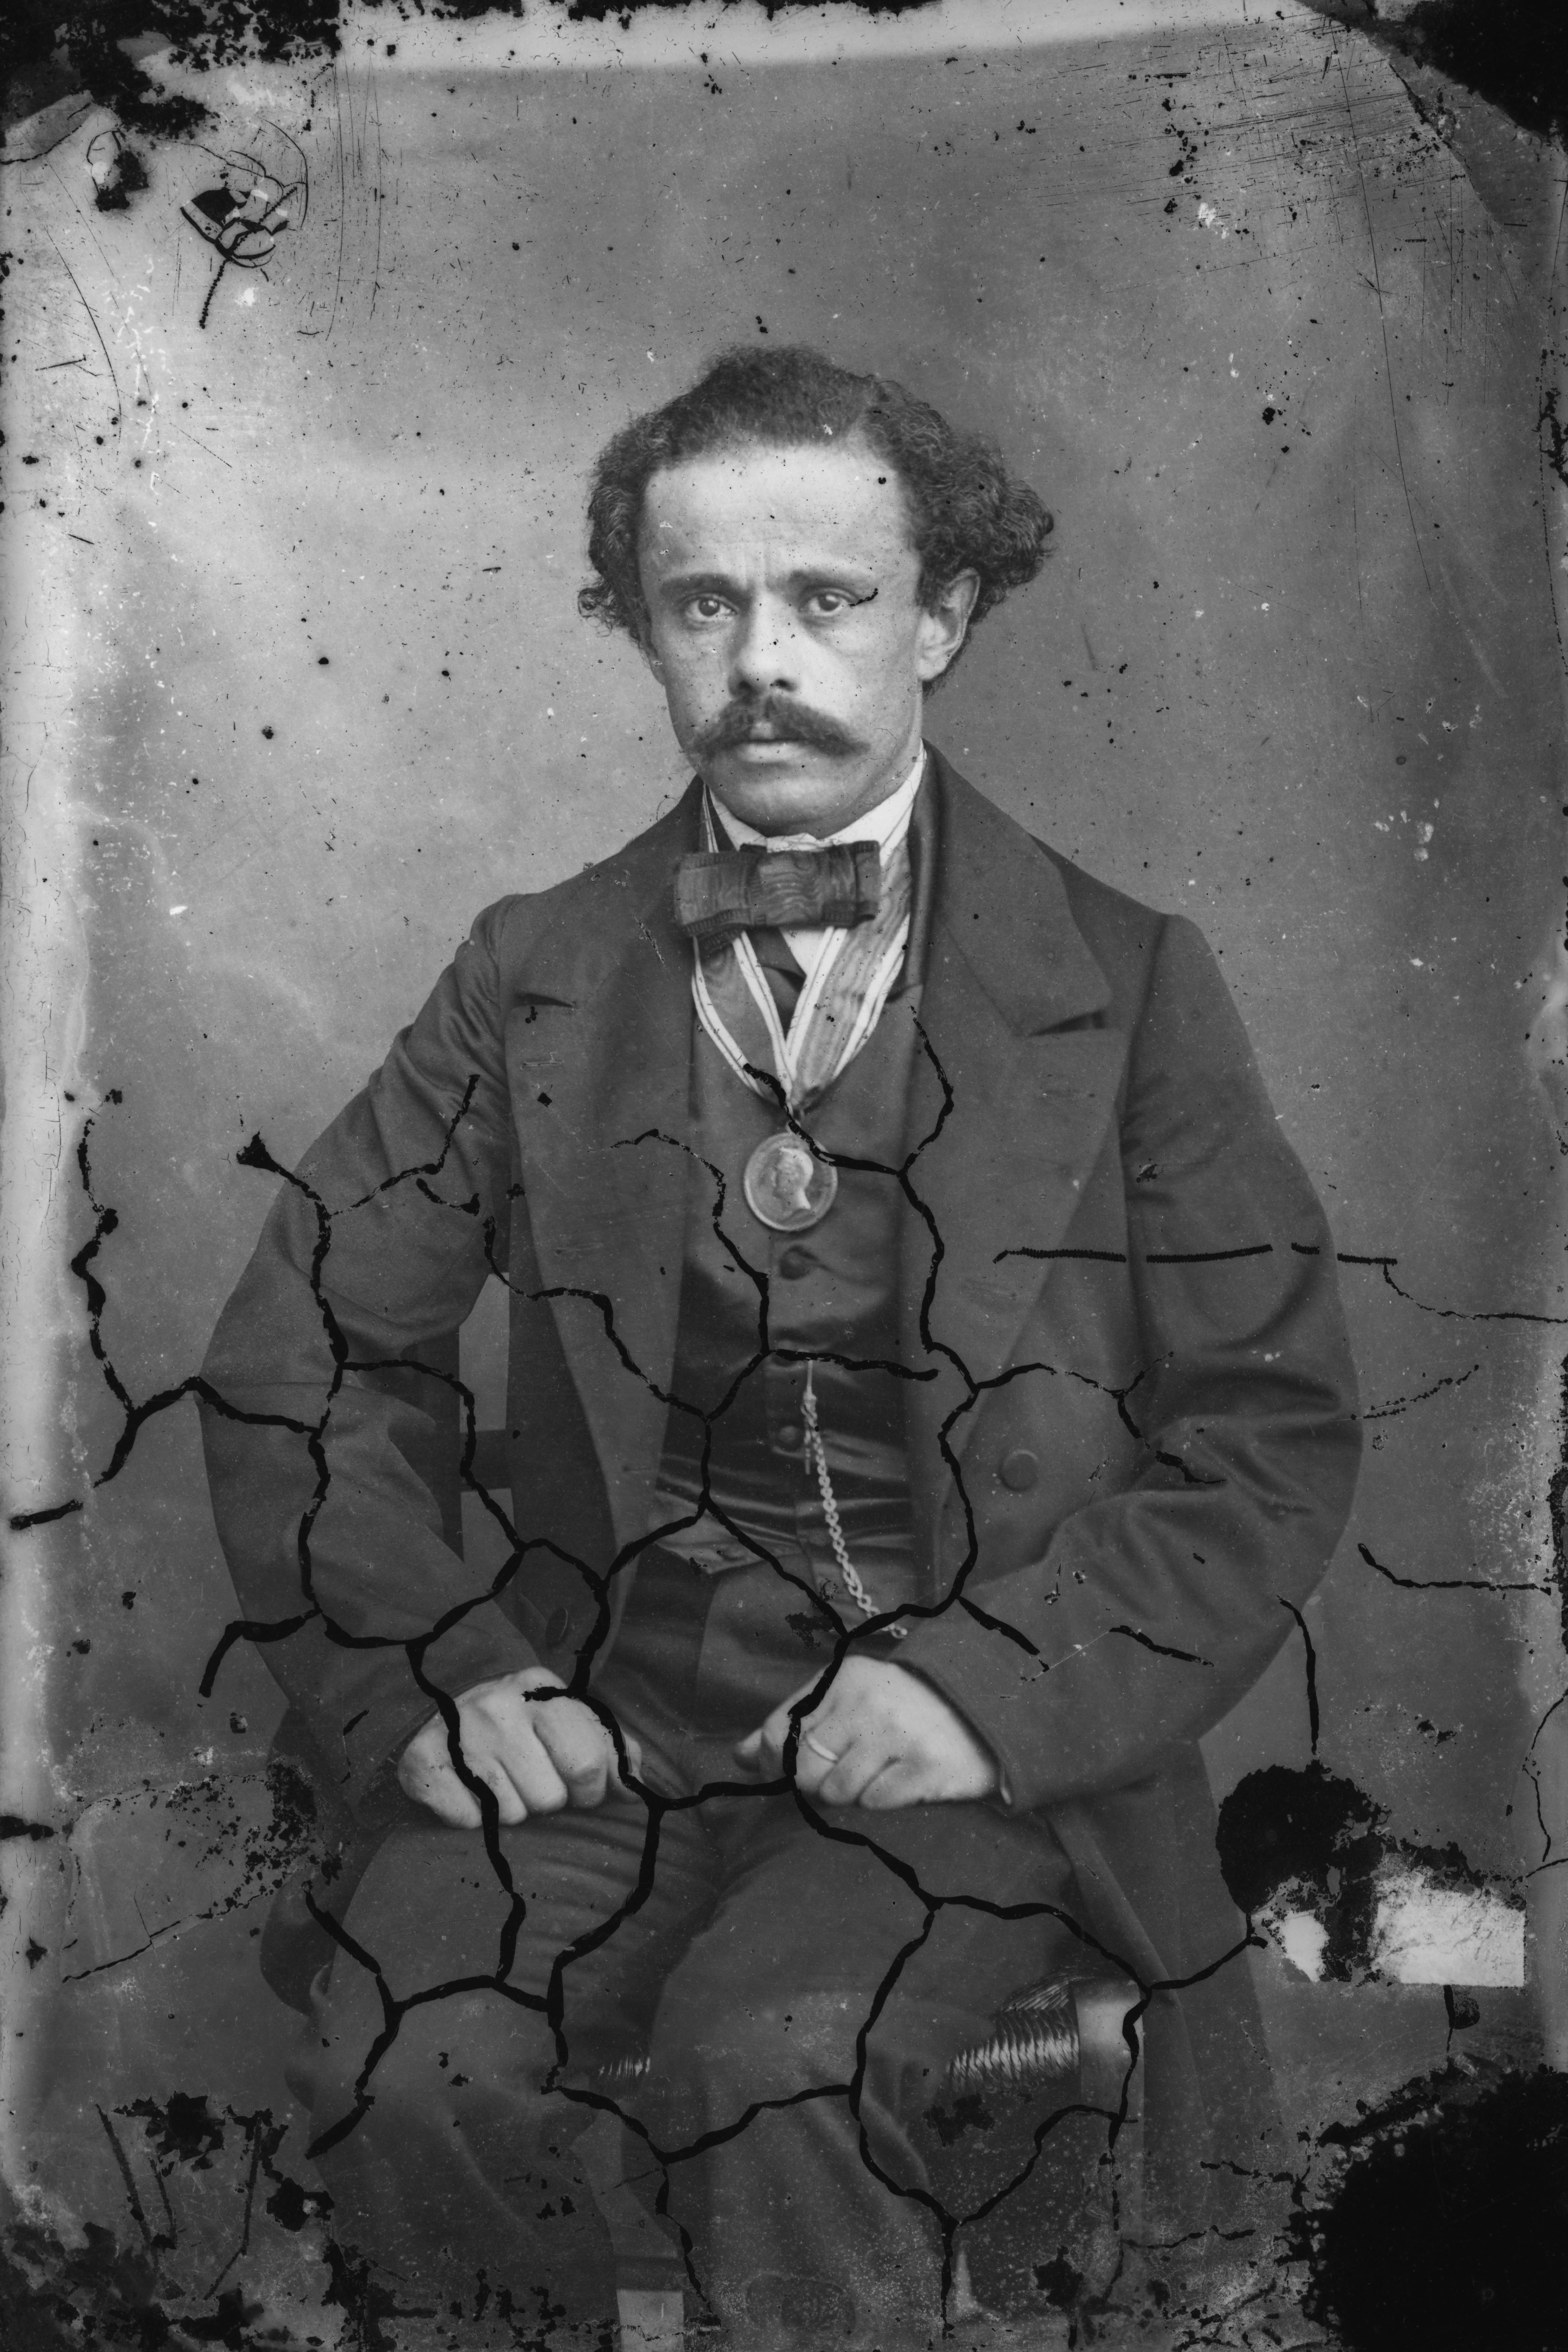 Pietro Marubbi